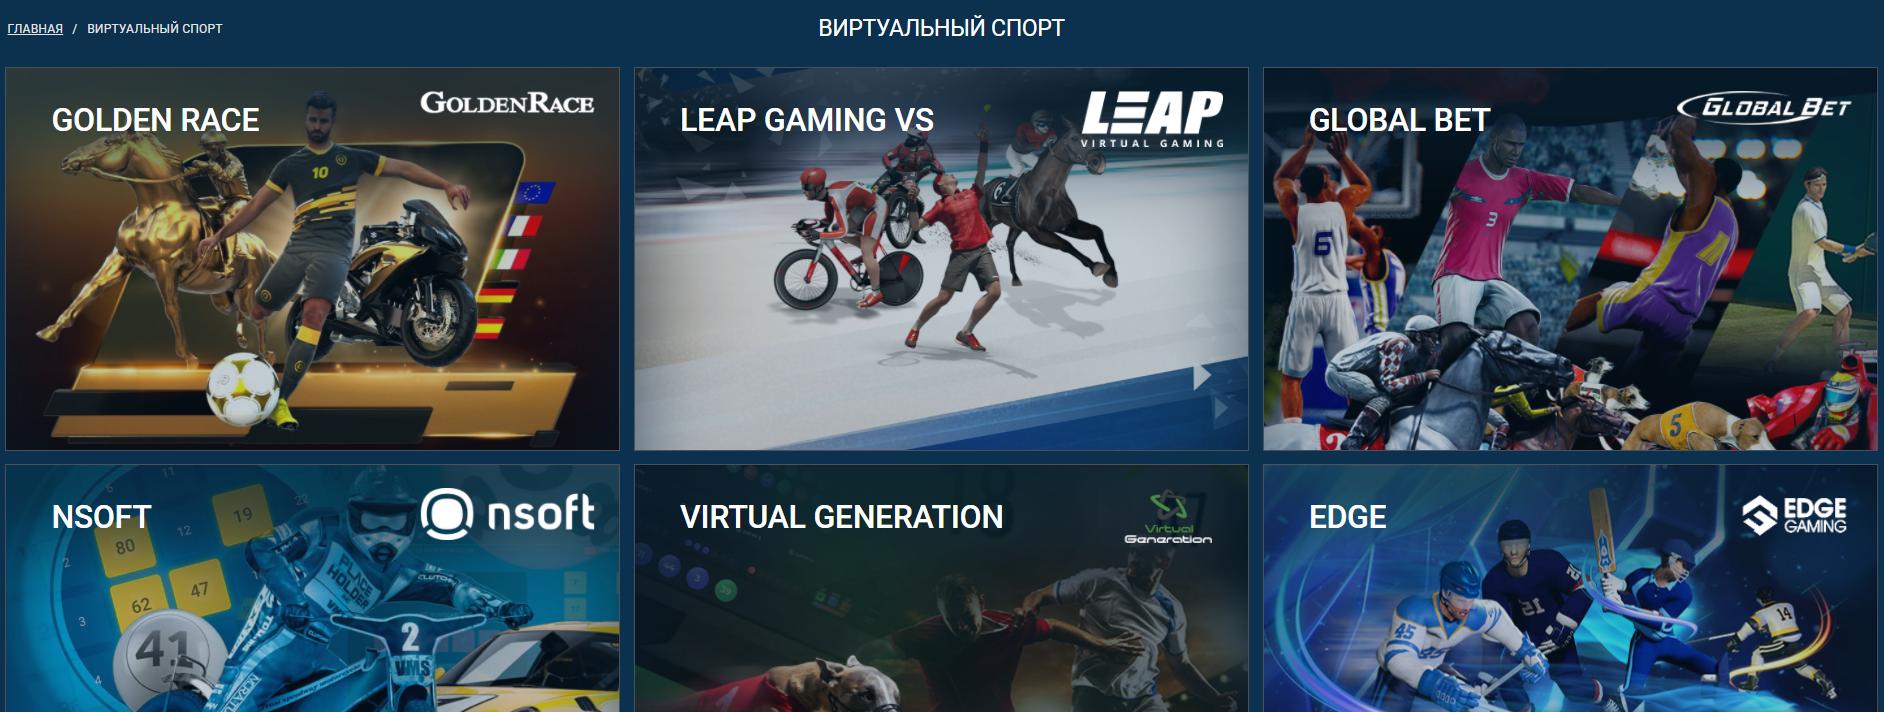 Страница виртуальных видов спорта на сайте 1xbet